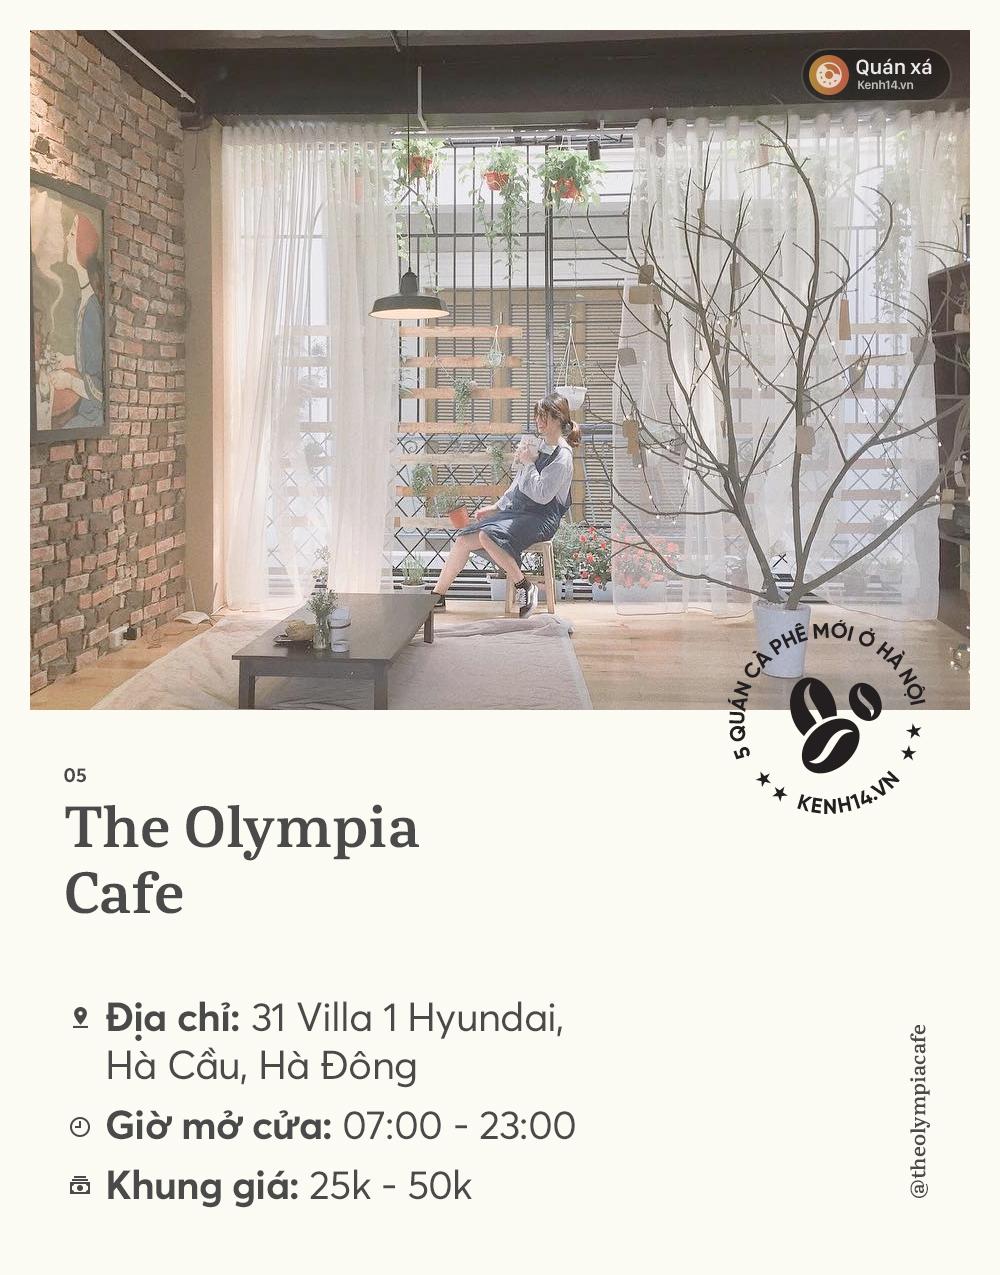 Nghỉ lễ không đi chơi thì cứ đi hết list quán cafe mới mở ở Hà Nội cũng đủ hết ngày - Ảnh 13.